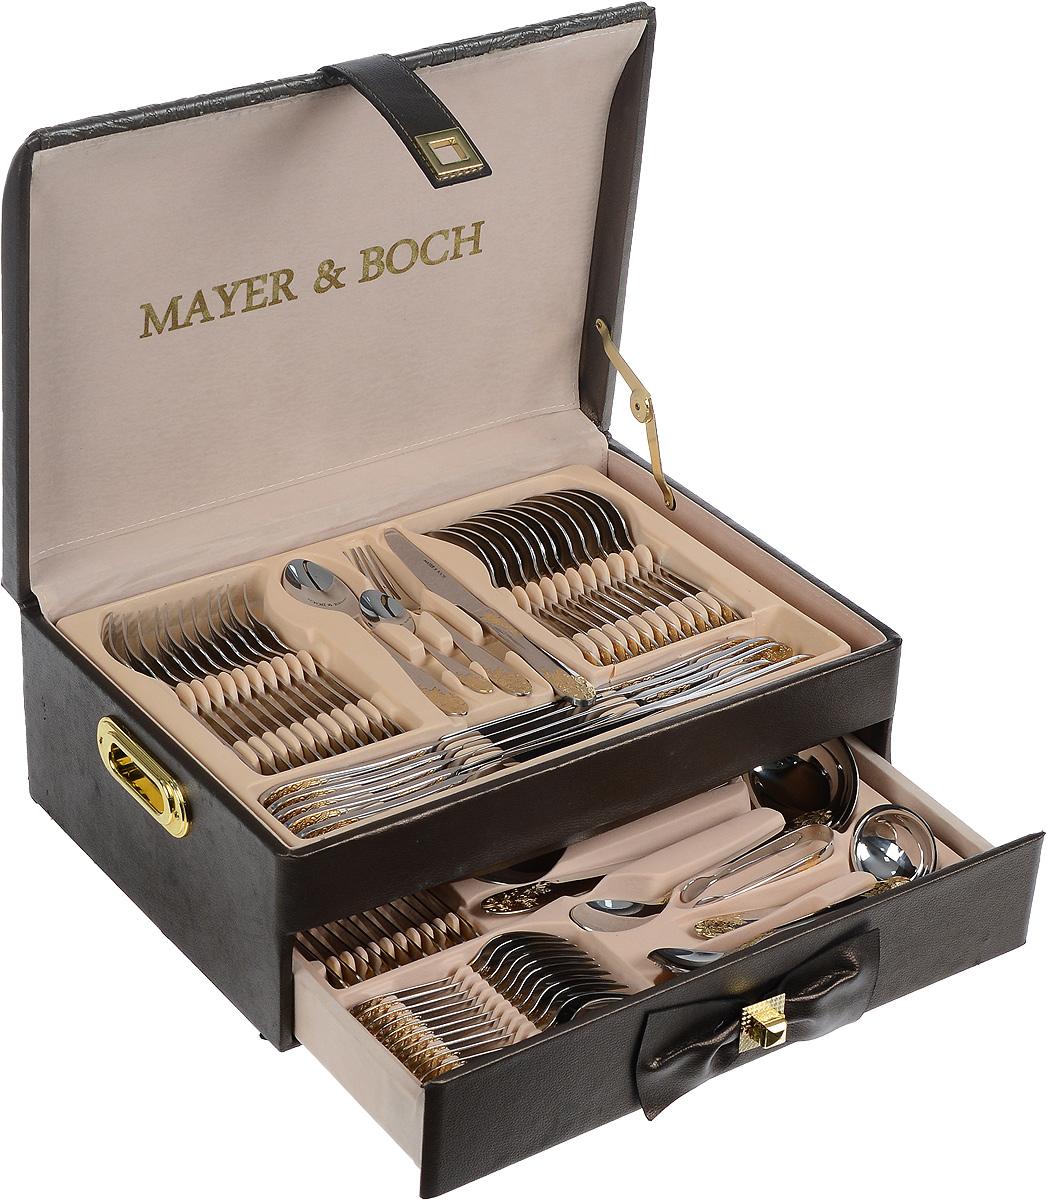 Набор столовых приборов Mayer&Boch, 73 предмета. 2345123451Набор столовых приборов Mayer & Boch состоит из 73 предметов на 12 персон. В набор входит: 12 столовых ножей, 12 столовых вилок, 12 столовых ложек, 12 десертных вилок, 12 чайных ложек, лопатка для торта, половник, ложка для соуса, 2 сервировочные ложки, ложка для сахара, ложка для мороженого, набор для салатов, щипцы для сахара, 2 вилки для мяса. Столовые приборы выполнены из высококачественной нержавеющей стали, которая отличается высокими антикоррозионными свойствами, значительной устойчивостью к воздействию кислот и щелочей. Нержавеющая сталь не изменяет вкус и цвет пищи, не выделяет вредных веществ. Элегантные золотые узоры на столовых приборах выполнены по технологии плазменного напыления, обеспечивающего высокую износостойкость покрытия. Приборы упакованы в изысканный кейс. Столовый набор прекрасно подходит для сервировки стола как в домашнем быту, так и в профессиональных заведениях: кафе и ресторанах. Стильный, лаконичный дизайн и отличное...